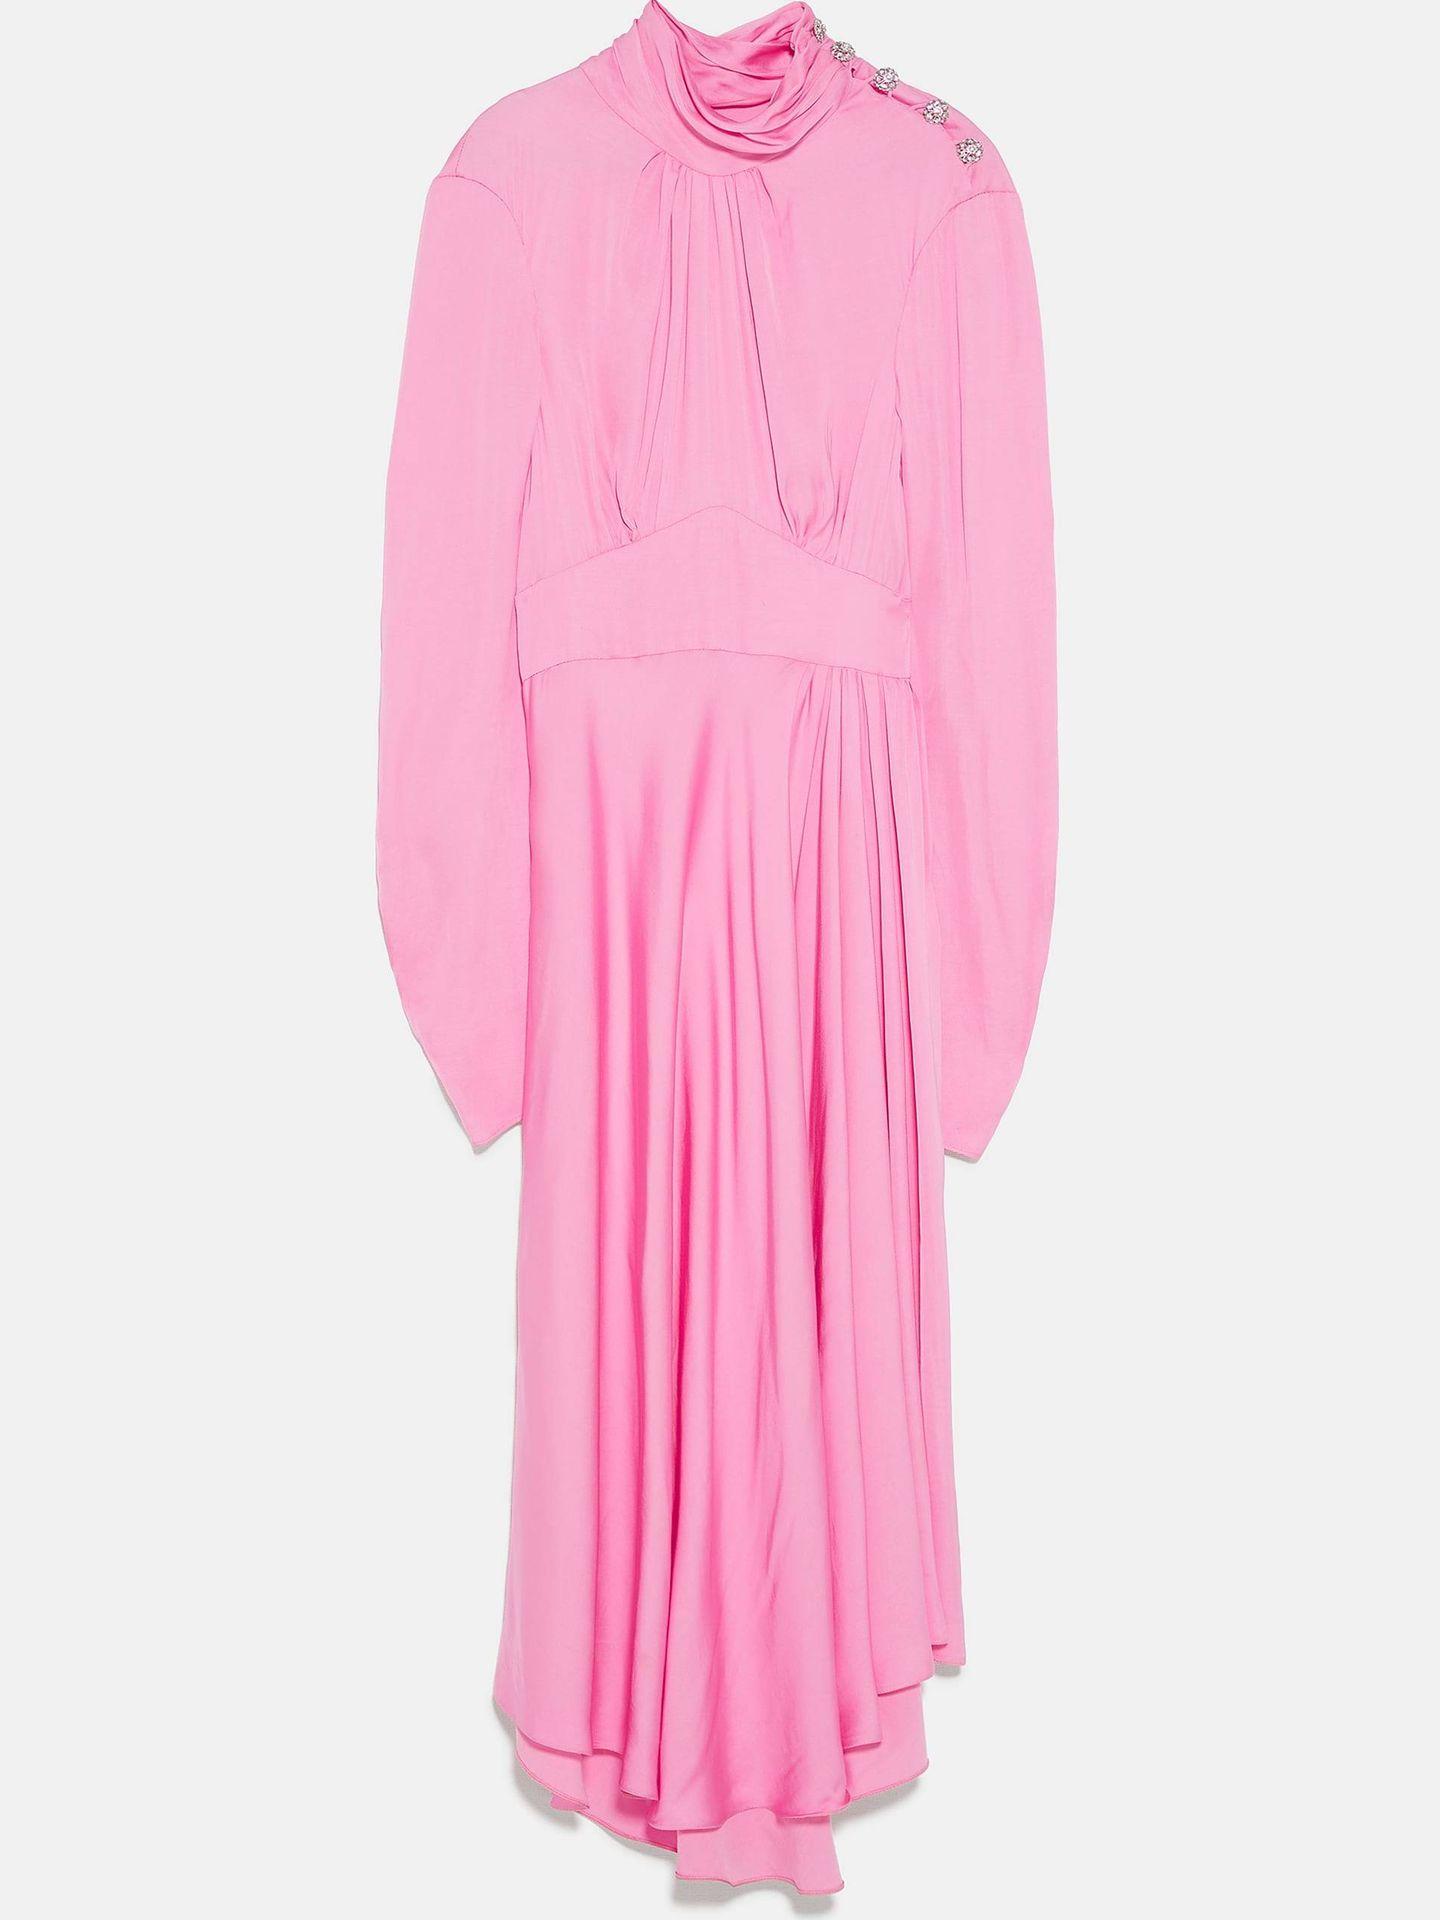 Vestido en cuestión. (Zara)